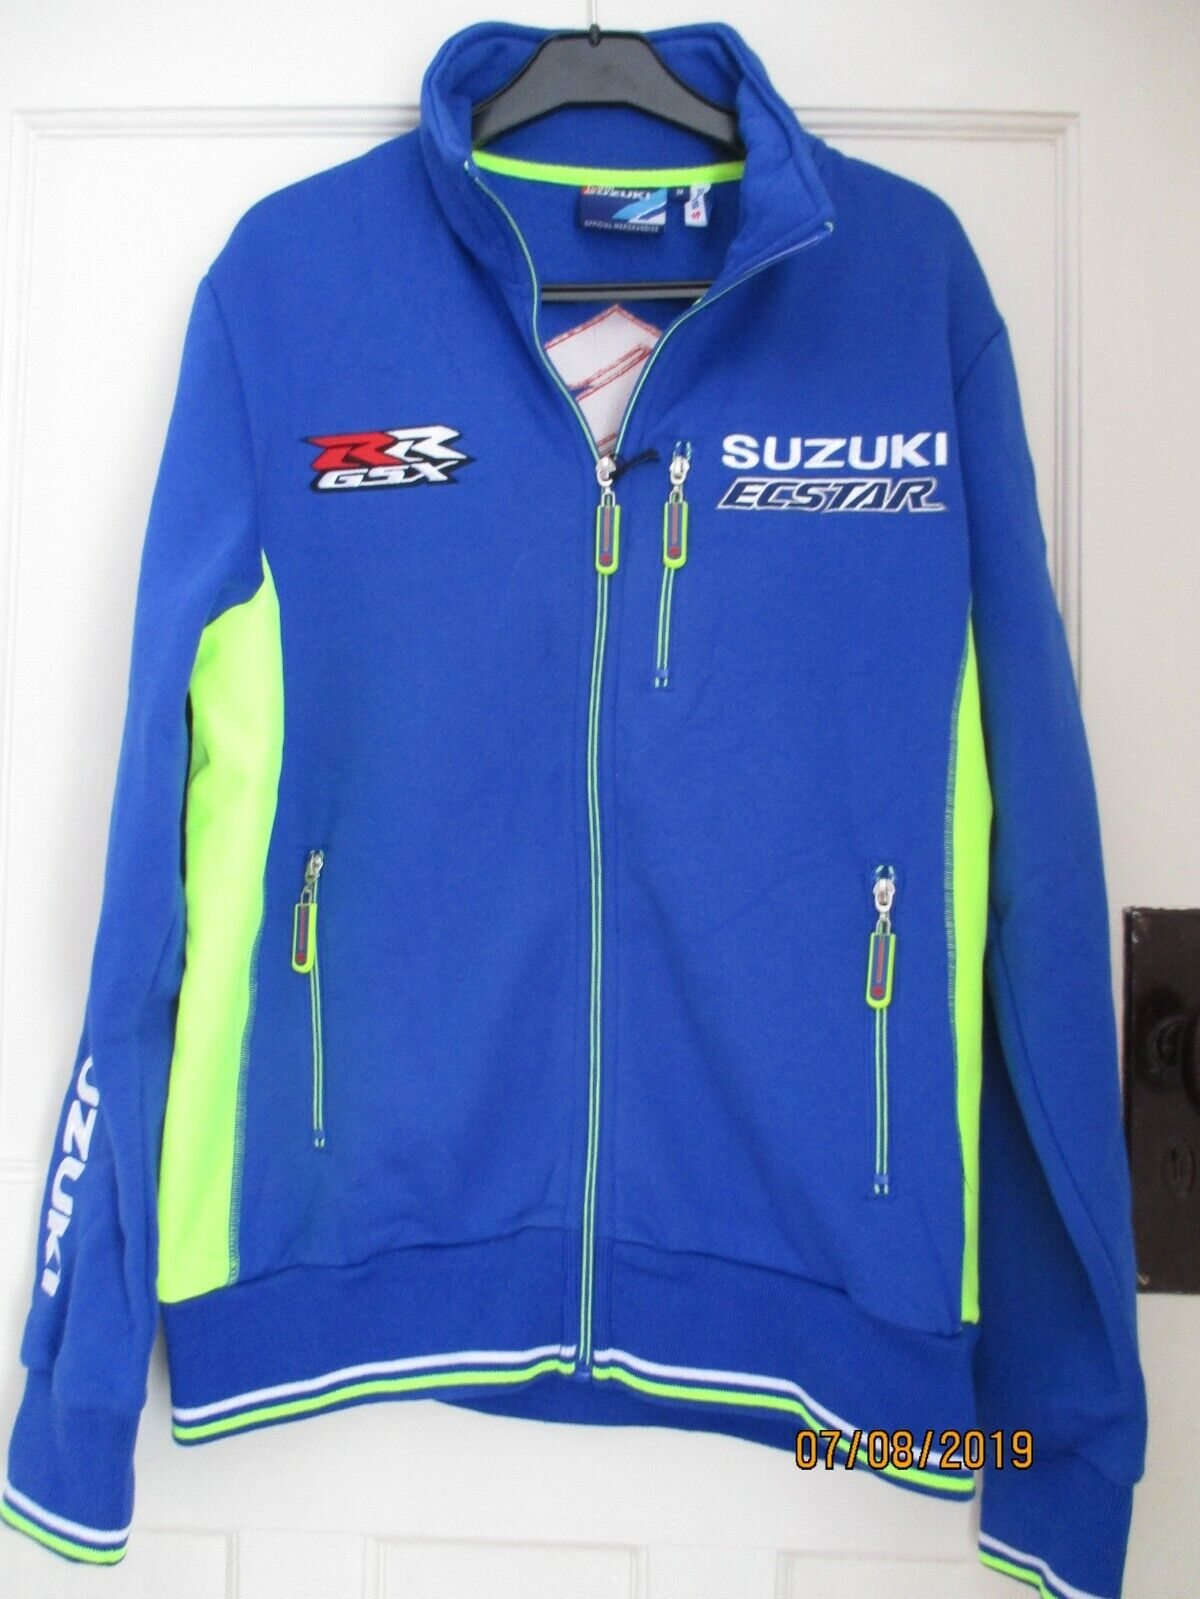 Official Suzuki Moto GP Ecstar Adult Team Blau Jacket Größe S